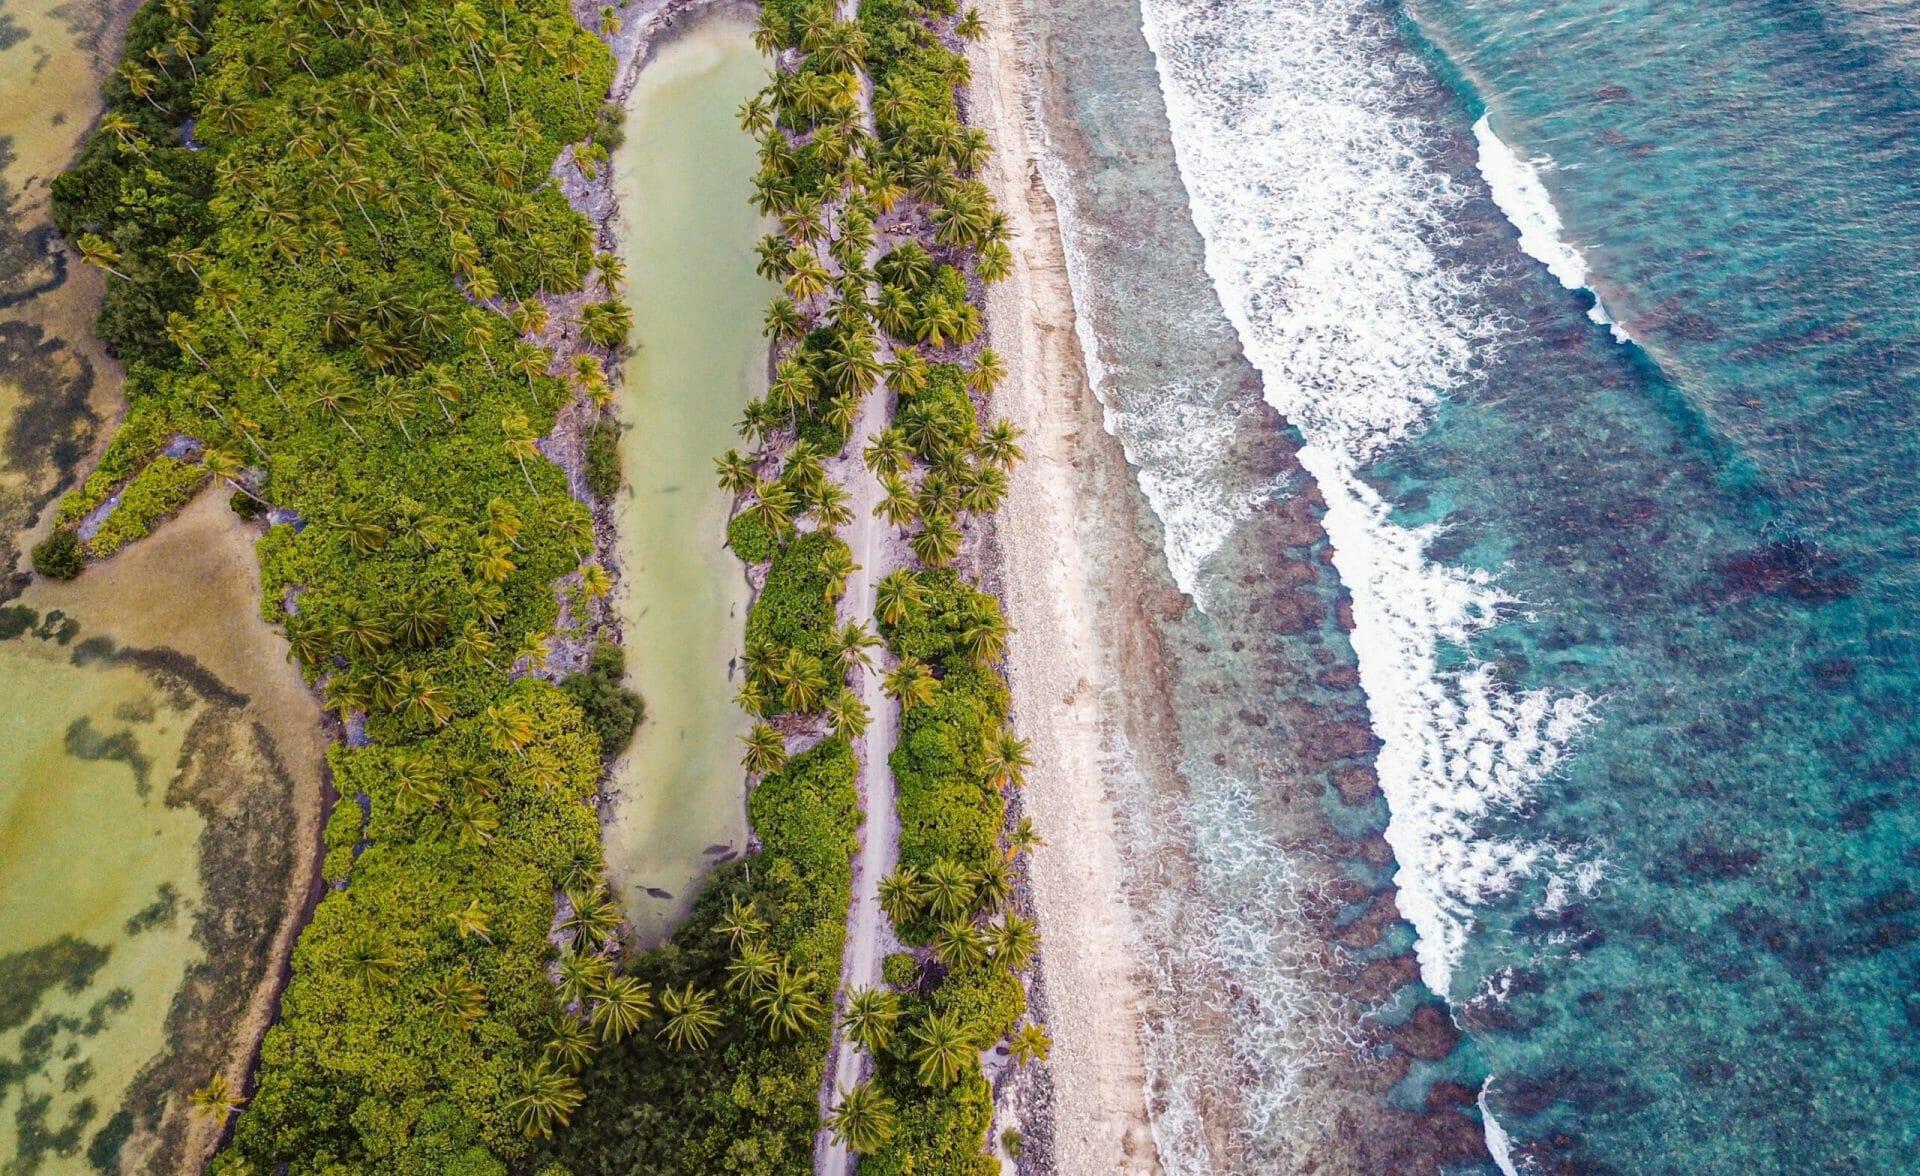 Sea and mangrove trees